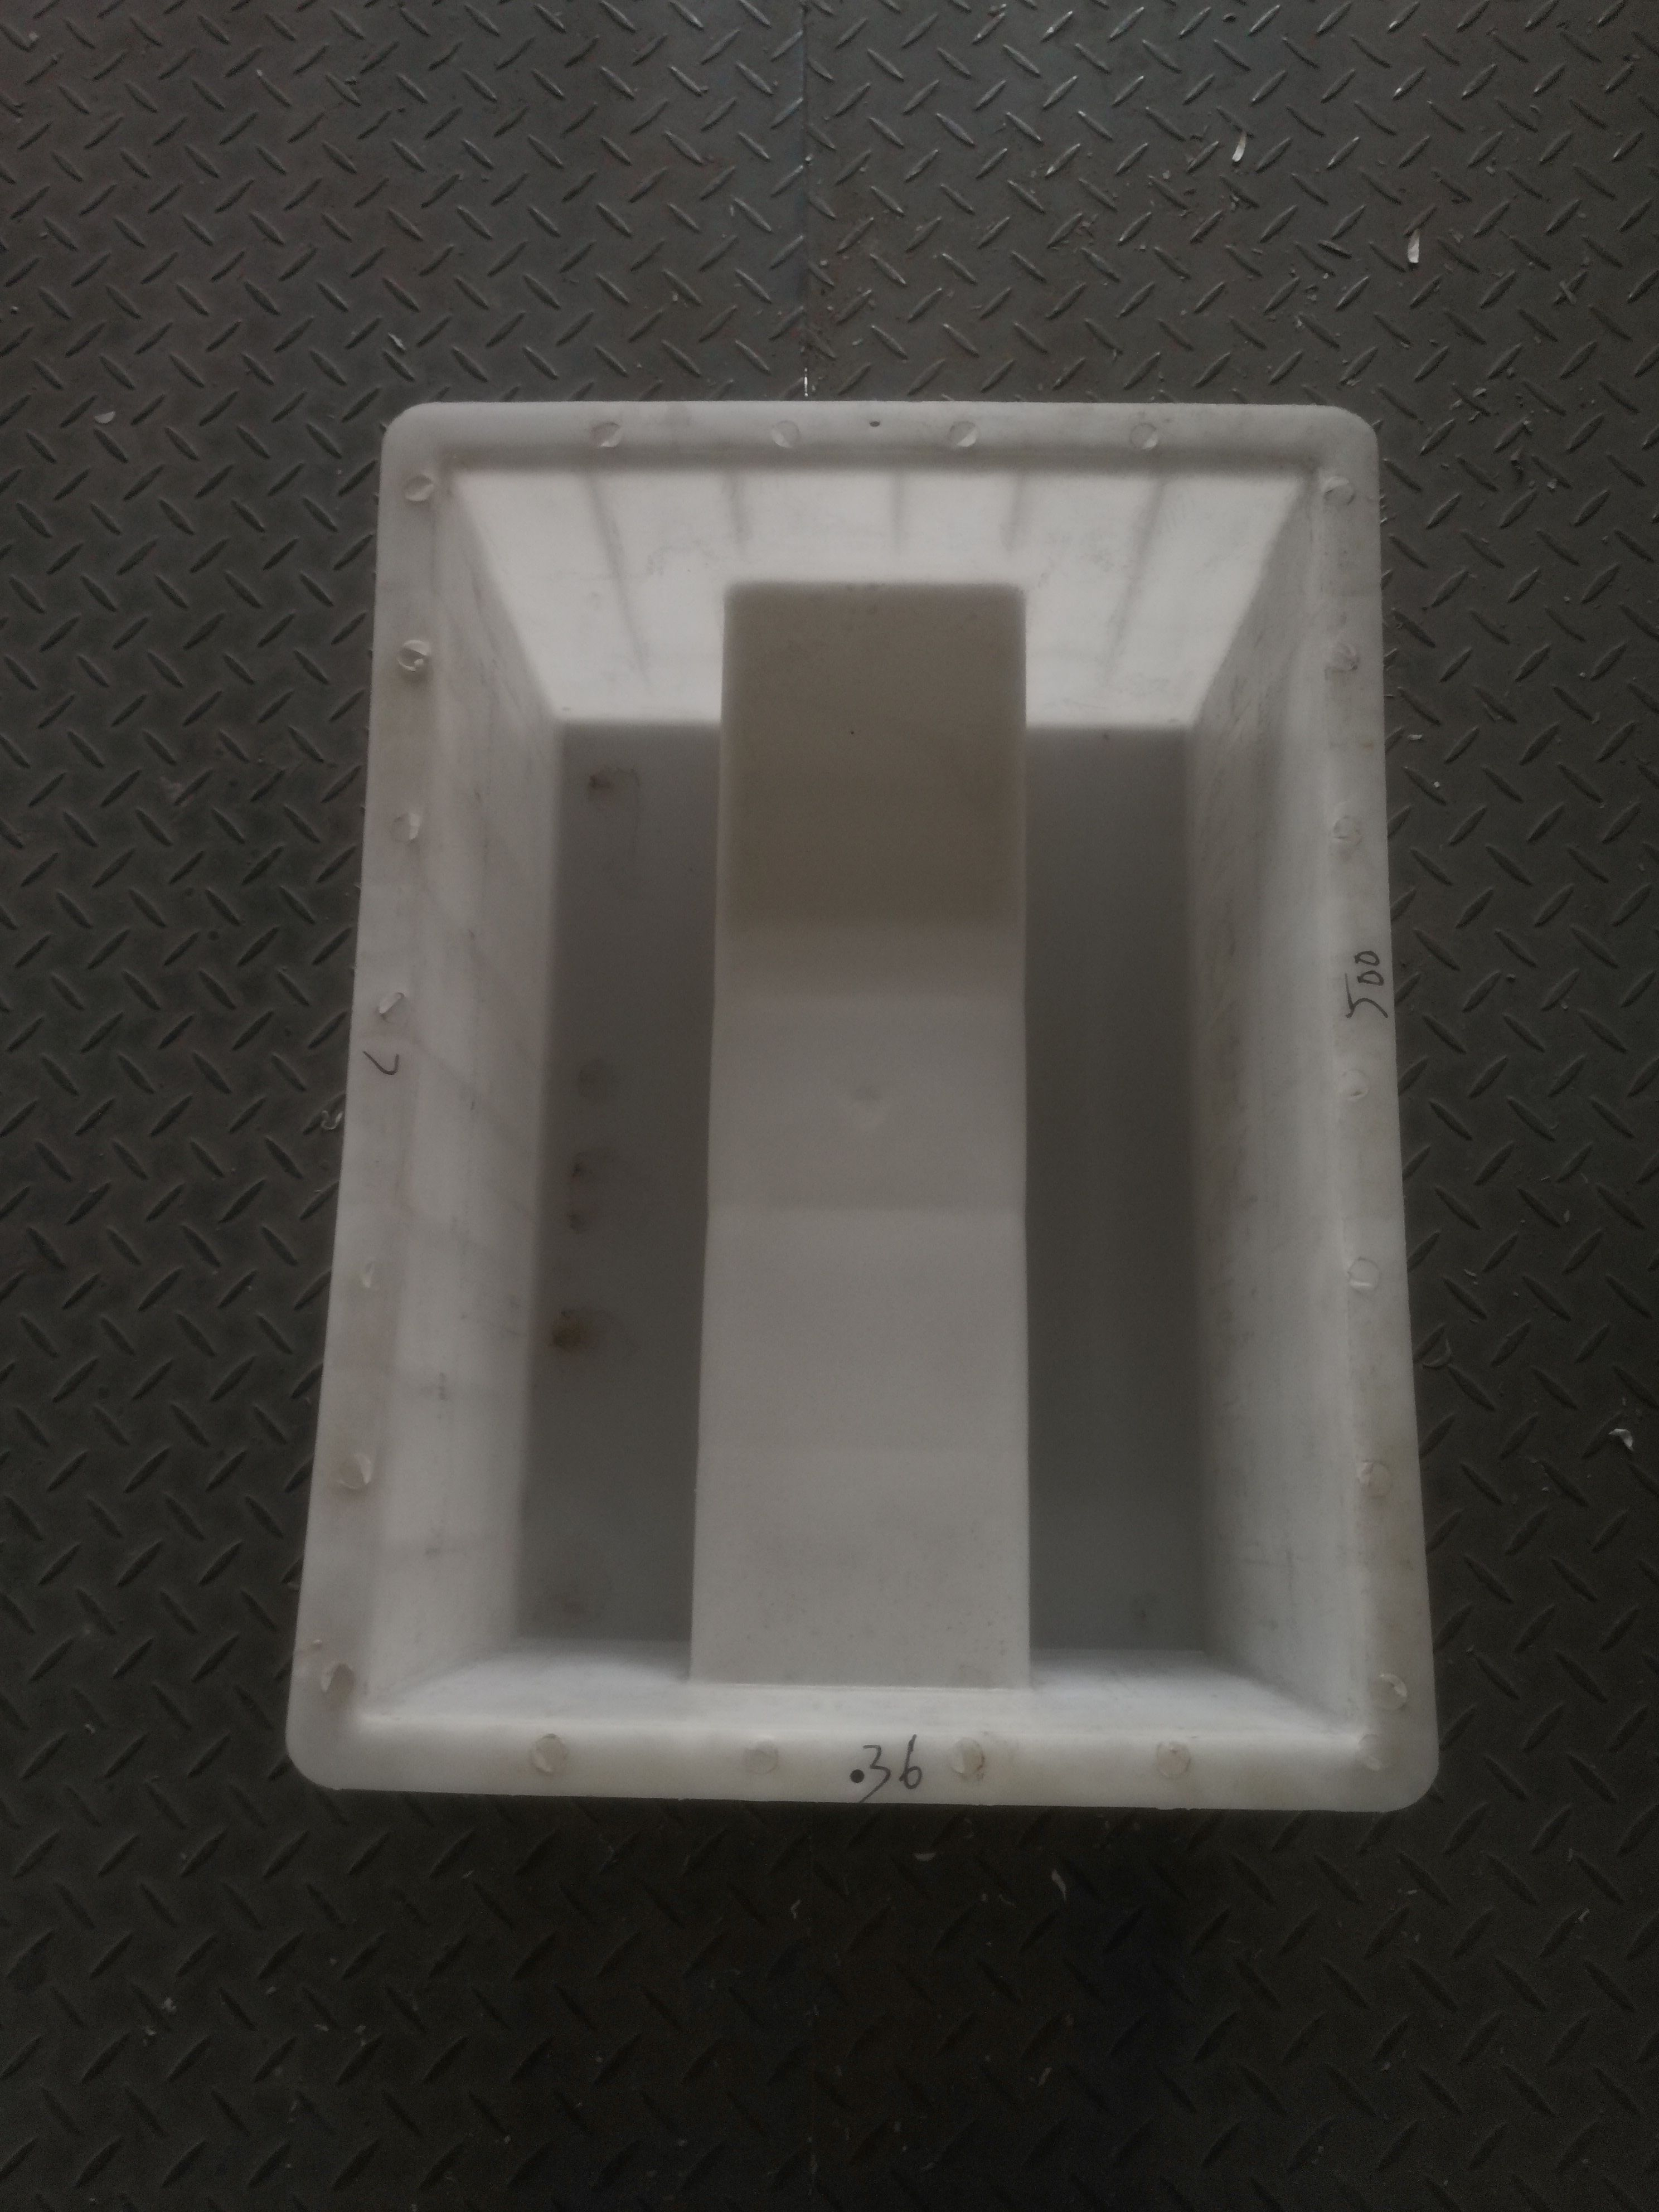 铁路电缆槽模具-12*12电缆槽模具精达模具